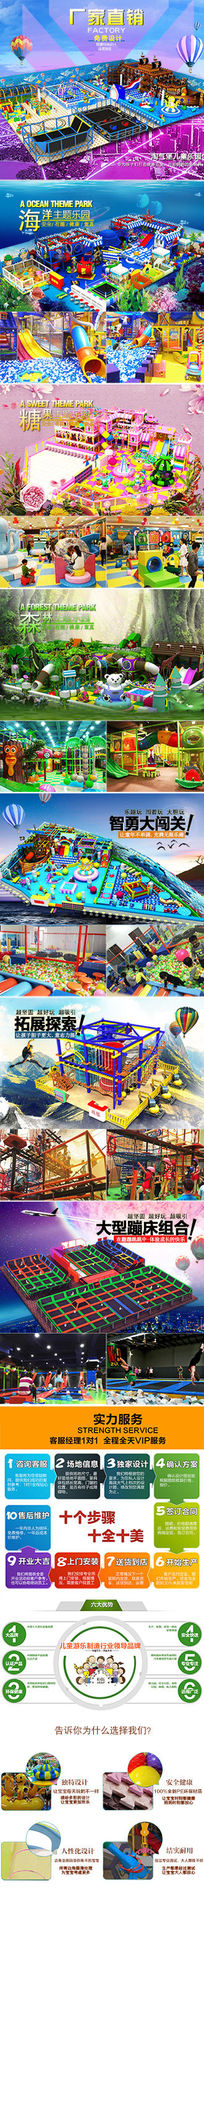 淘宝儿童乐园淘气堡玩具详情页ps分层素材